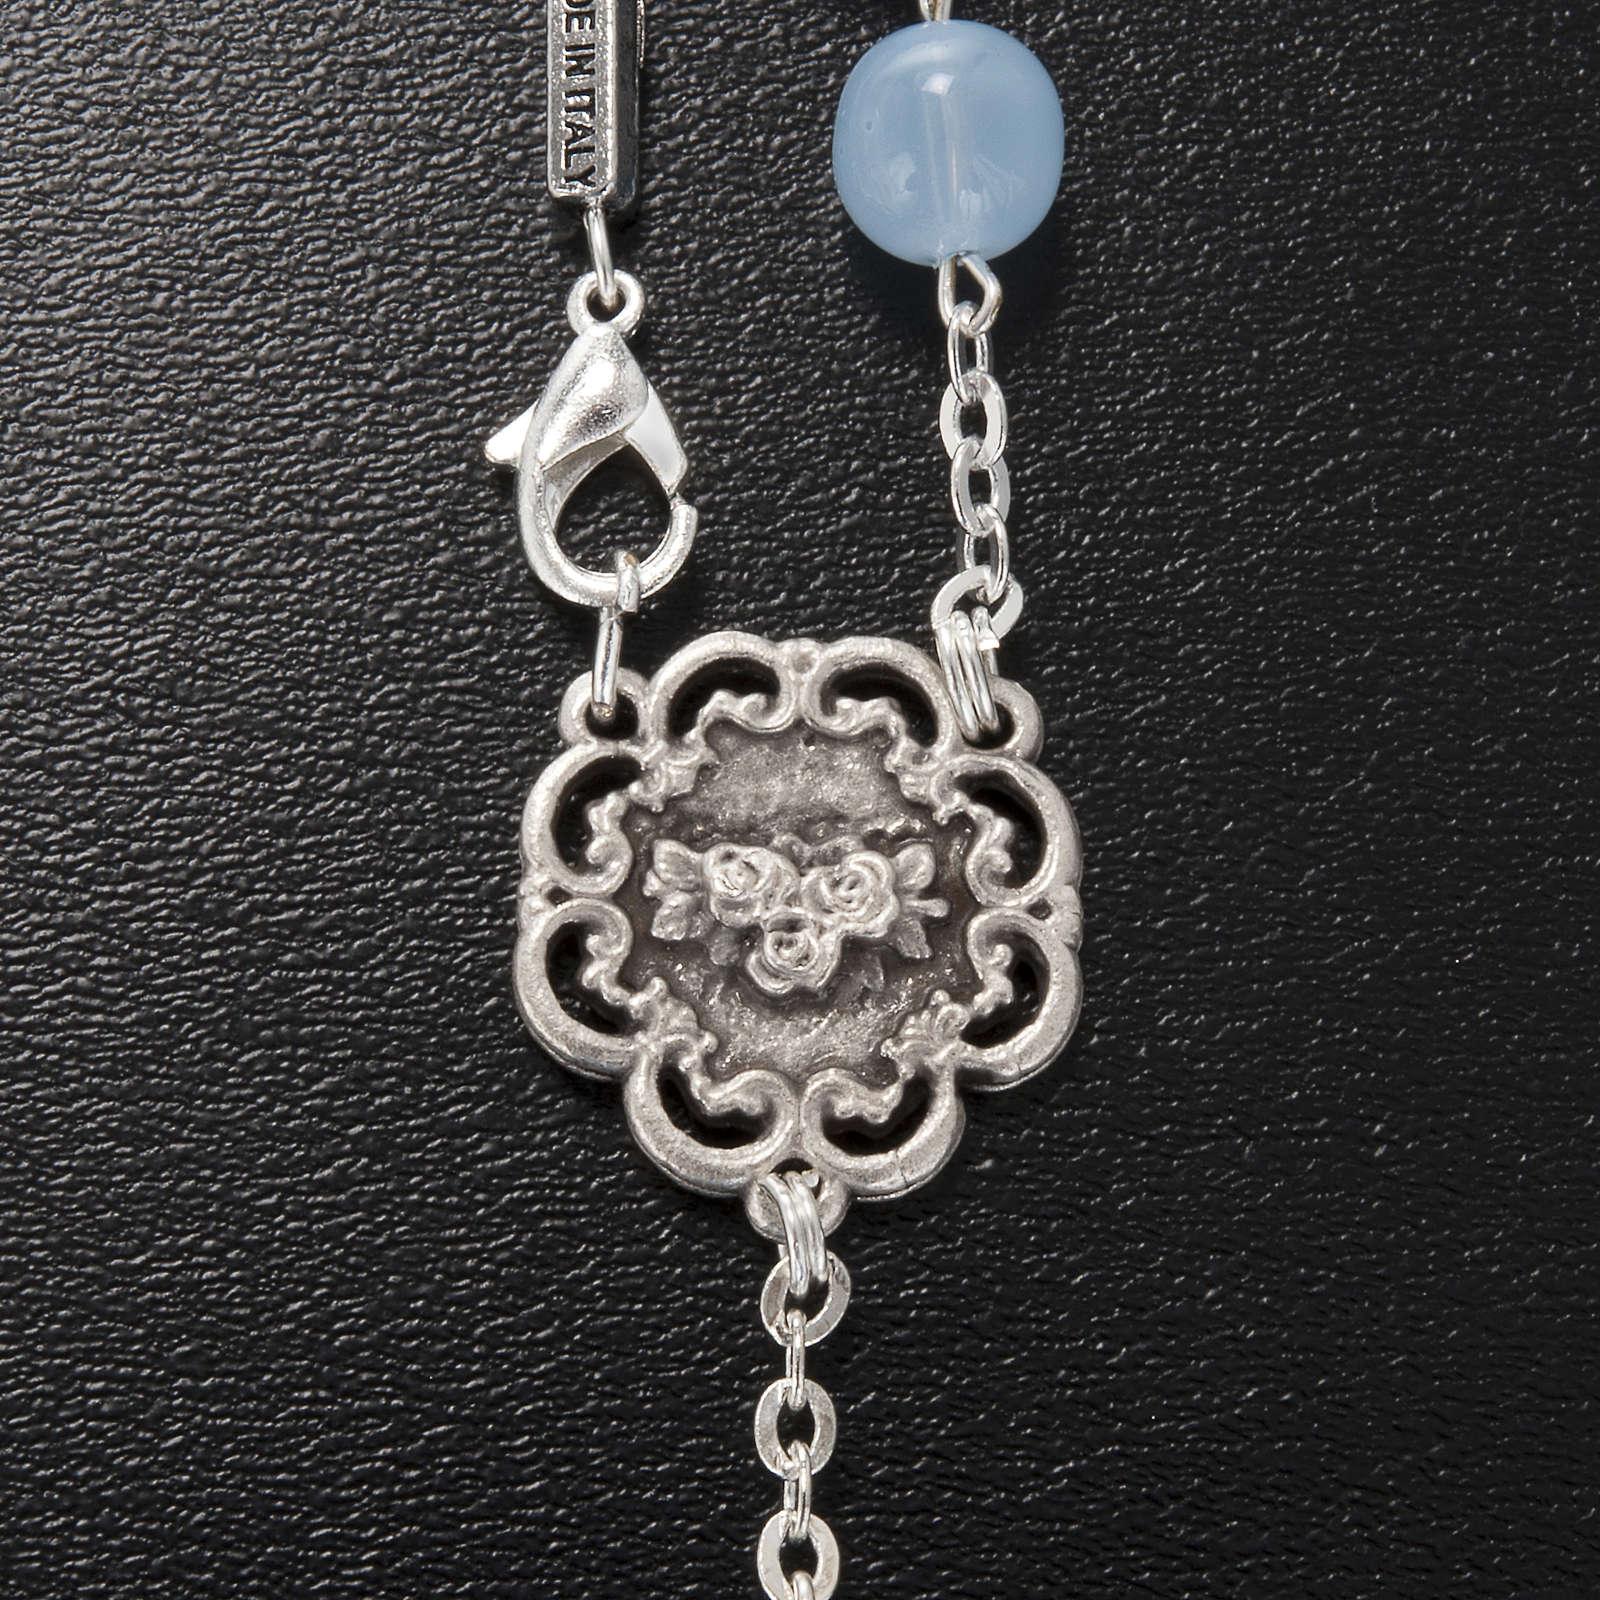 Różaniec dziesiątka Ghirelli szkło Madonna z Dzieciątkiem 8 mm 4